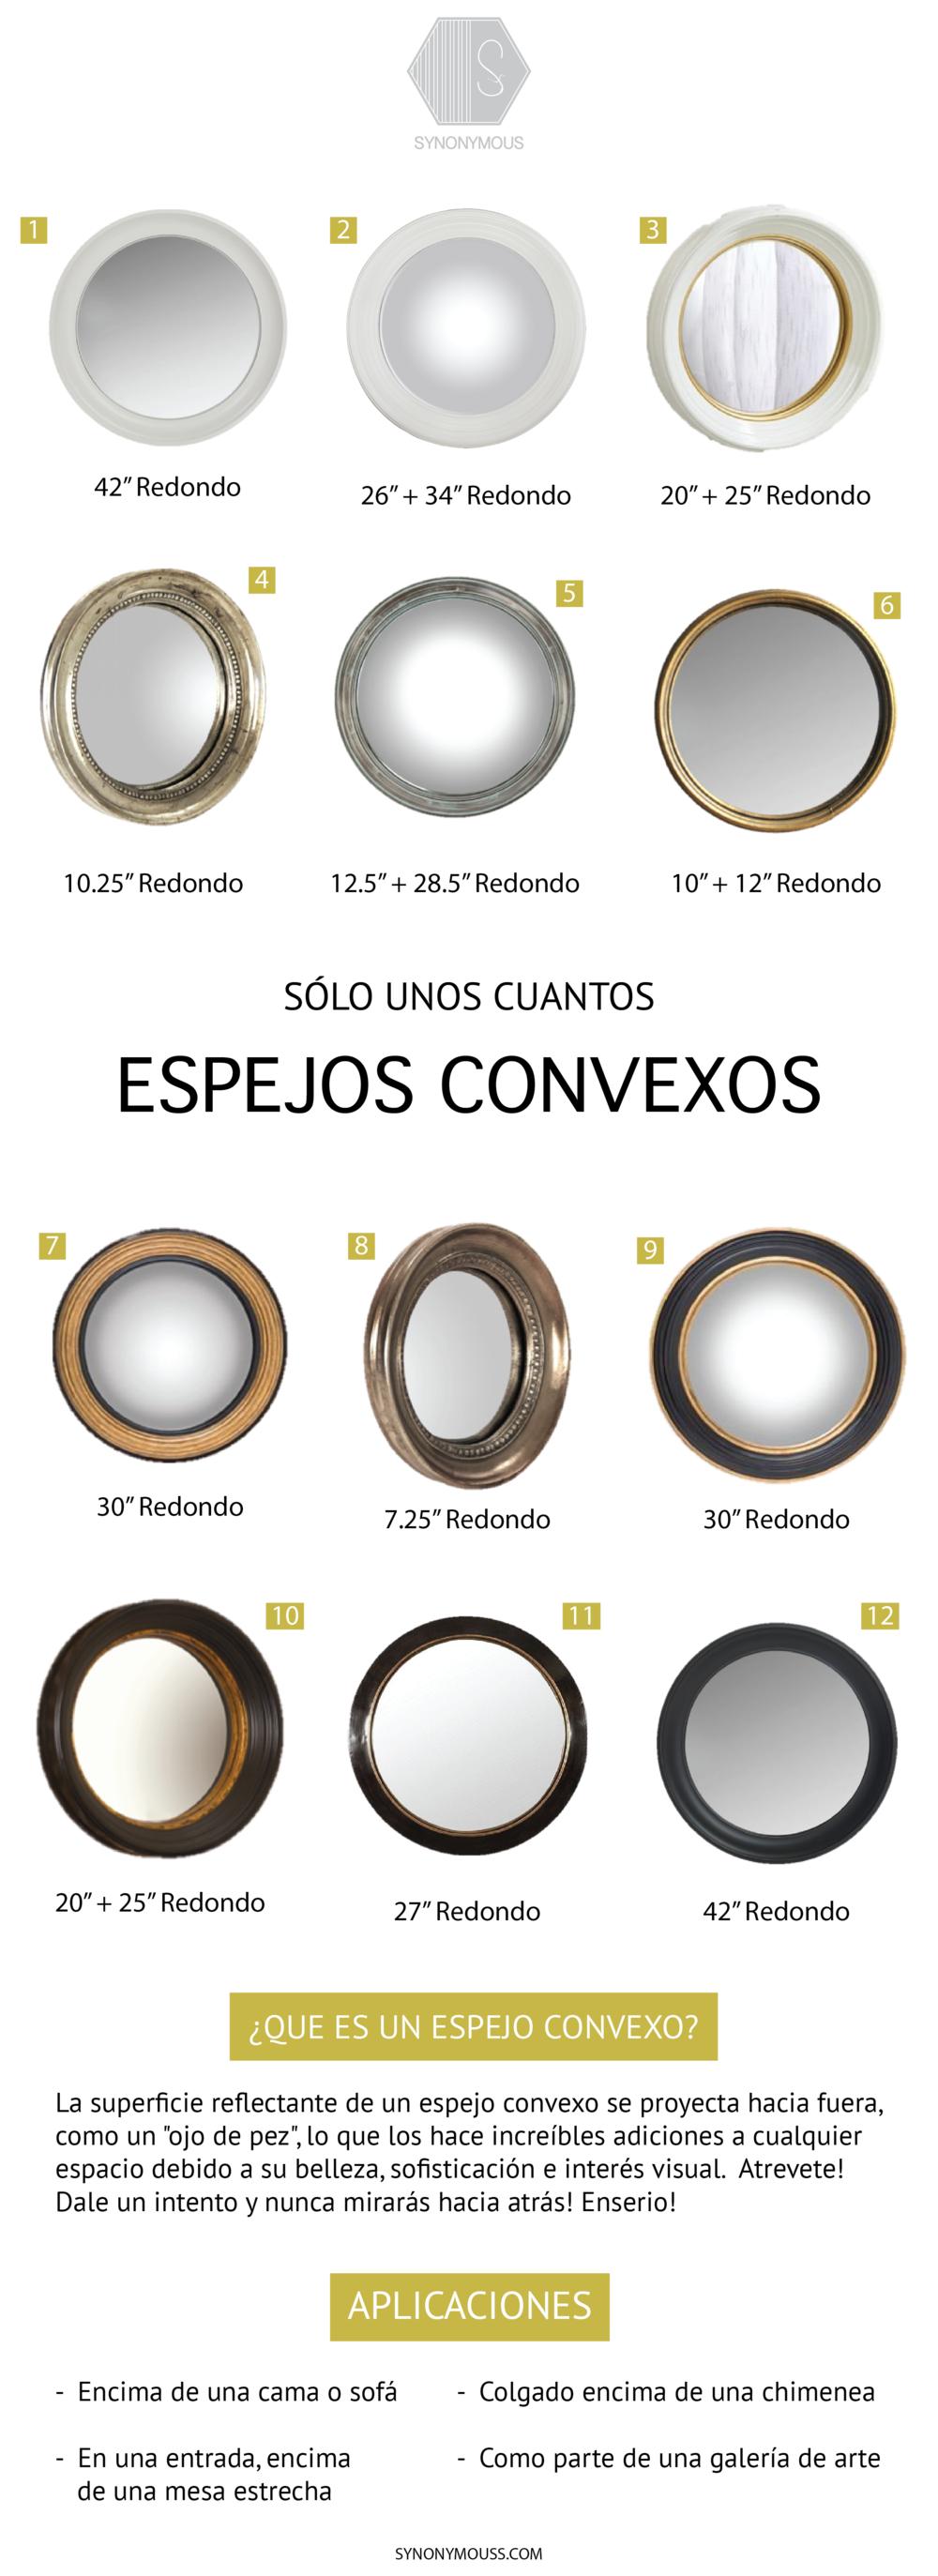 La Belleza De Los Espejos Convexos - Convex Mirror Round- Up - Round Mirrors - Los espejos pueden ser comprados a través de Synonymouss.com - SYNONYMOUS